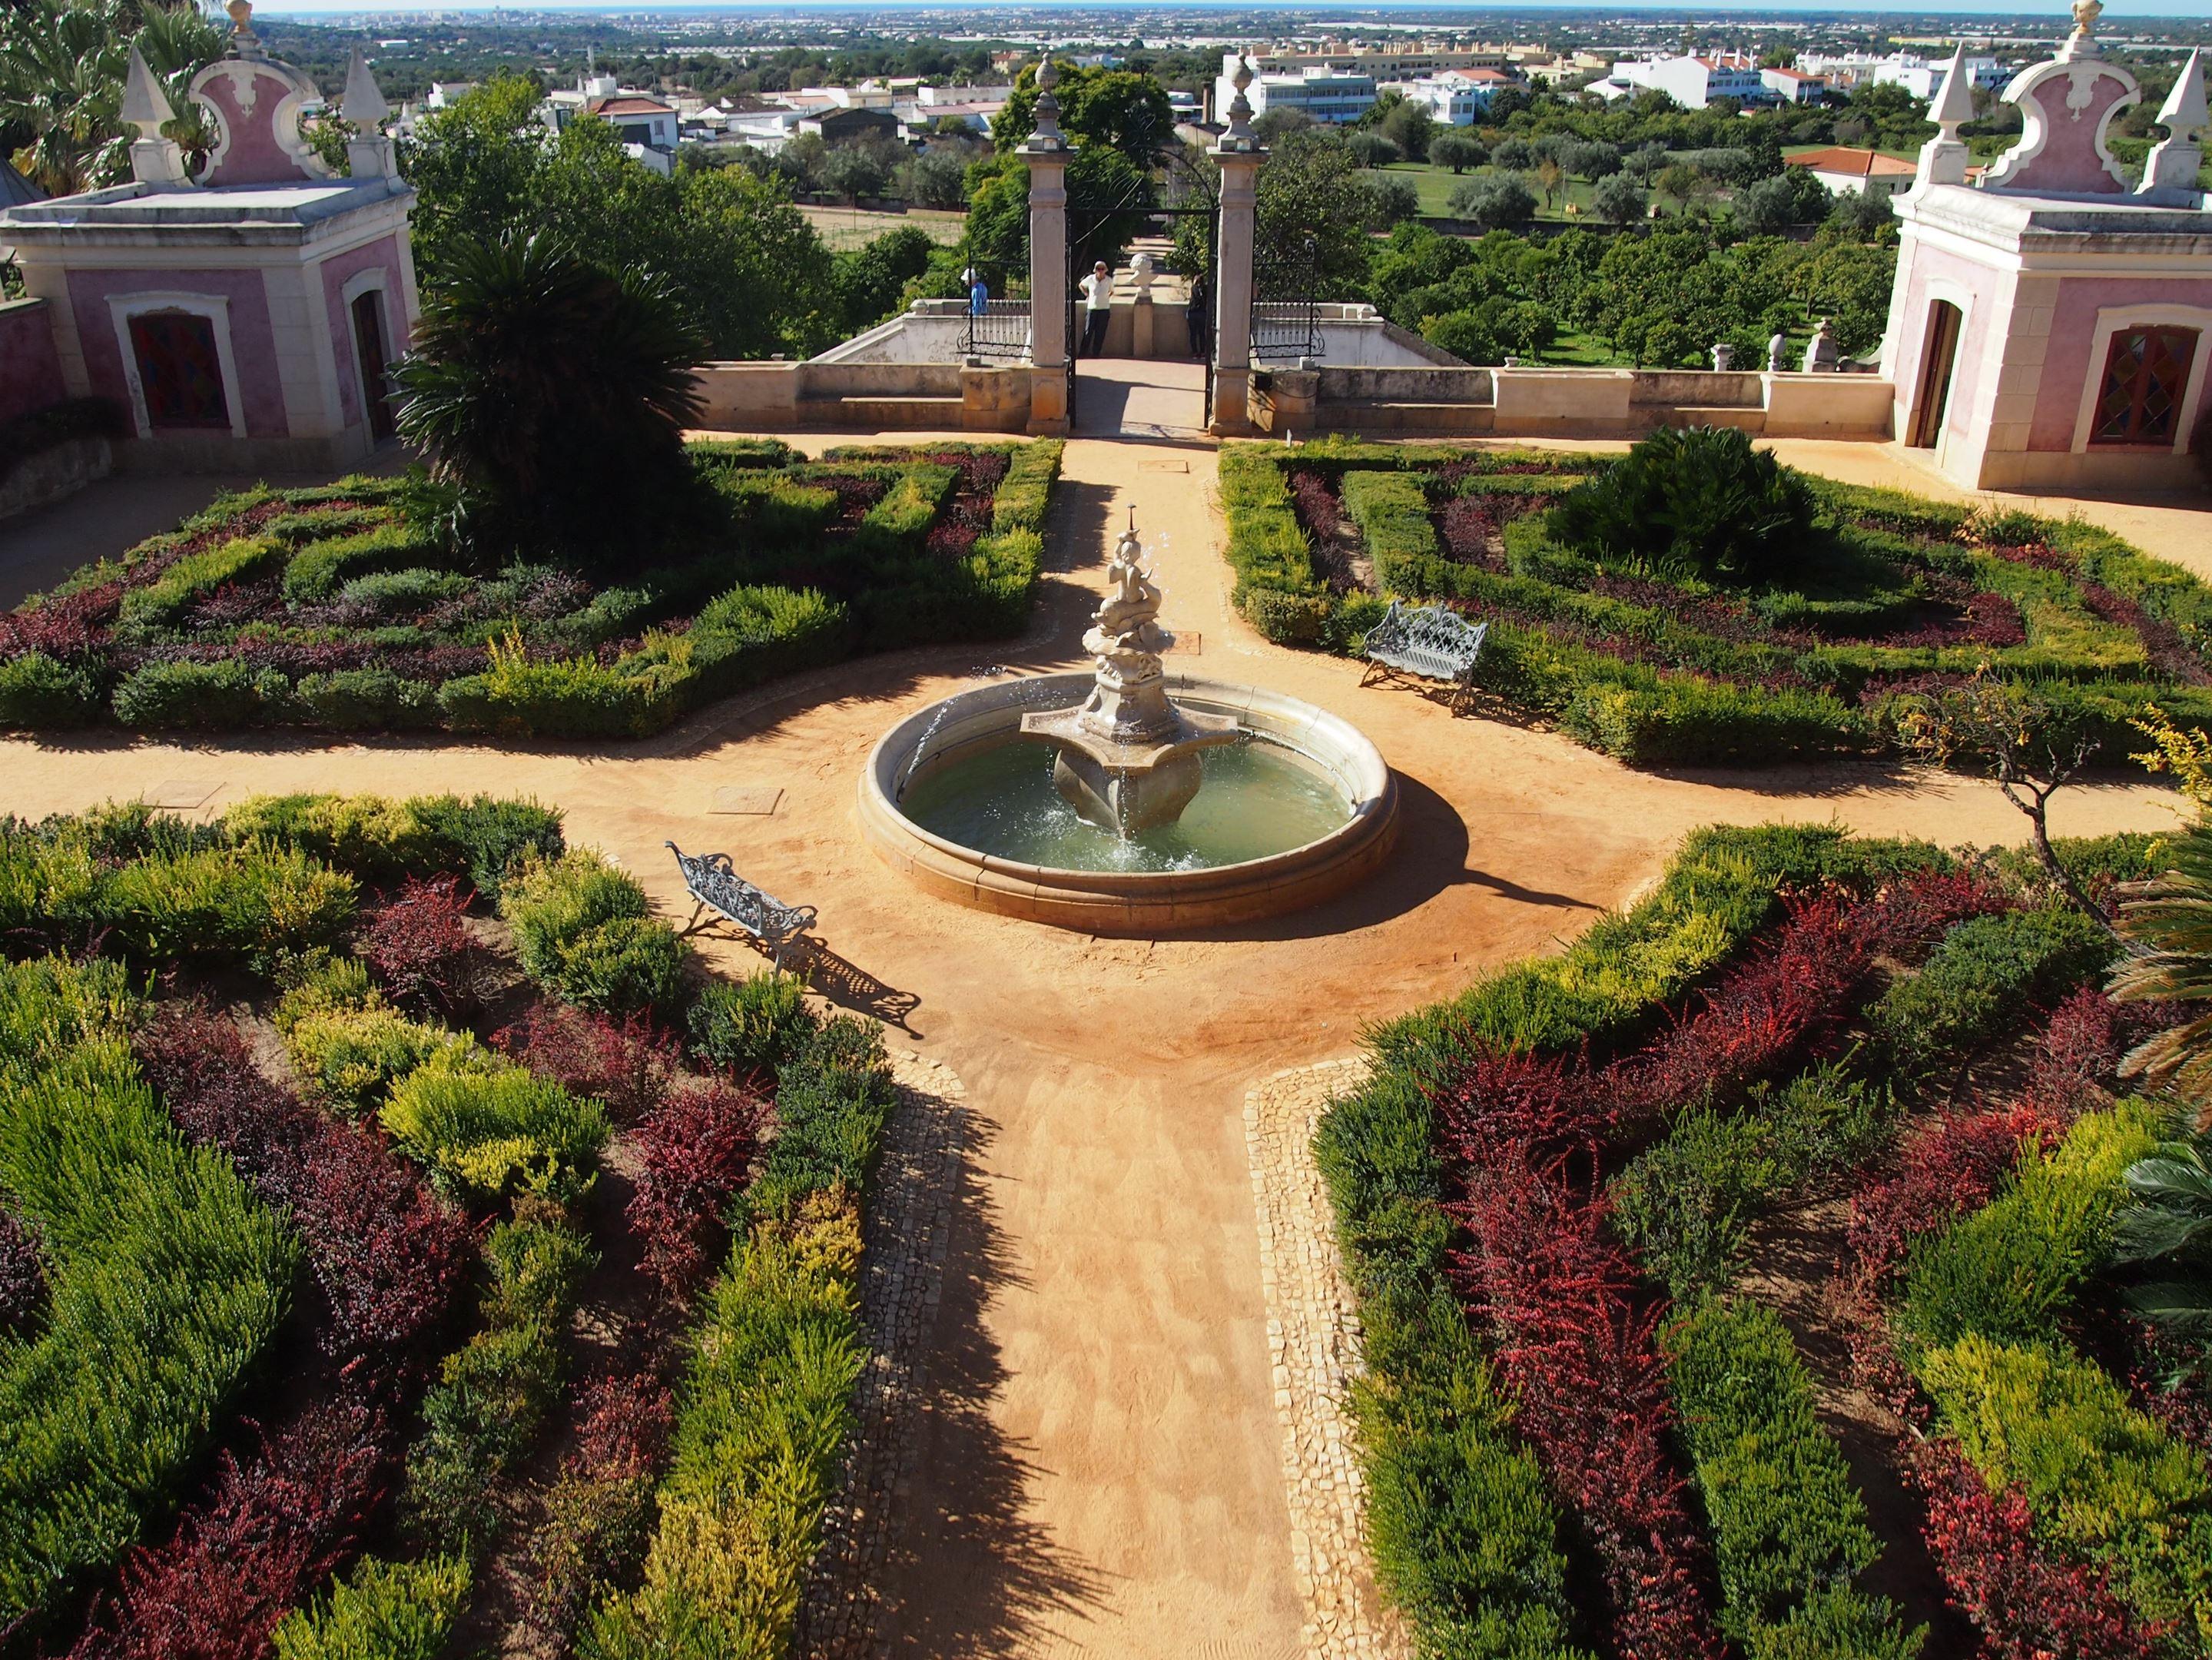 Jardines del Palacio de Estoi, Algarve